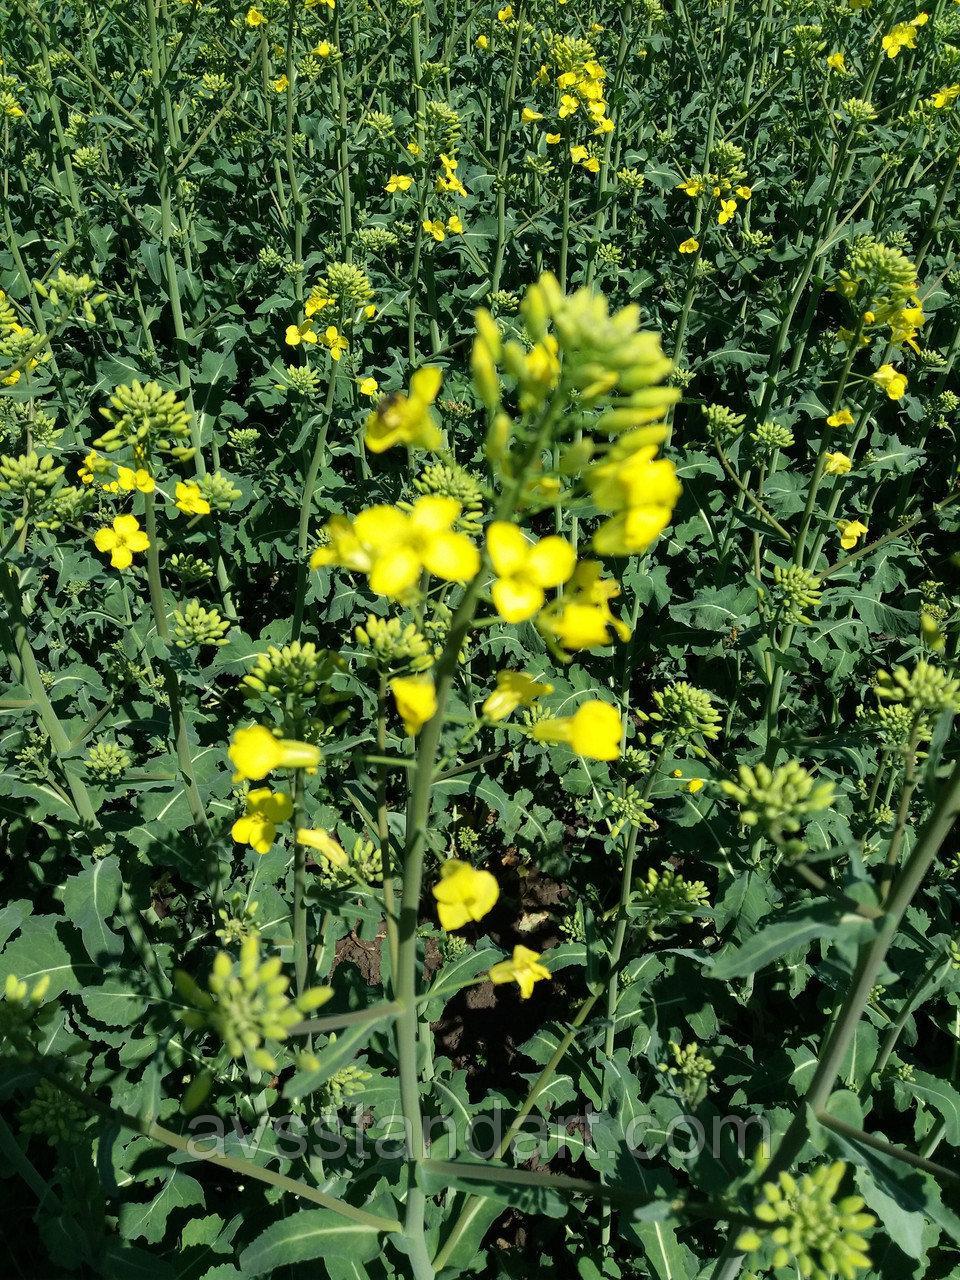 Насіння ярого ріпаку Сіріус 85-95 днів. Врожайний ріпак 40-45ц/га, стійкий до посухи та хвороб Сіріус. Врожай 2020 року.